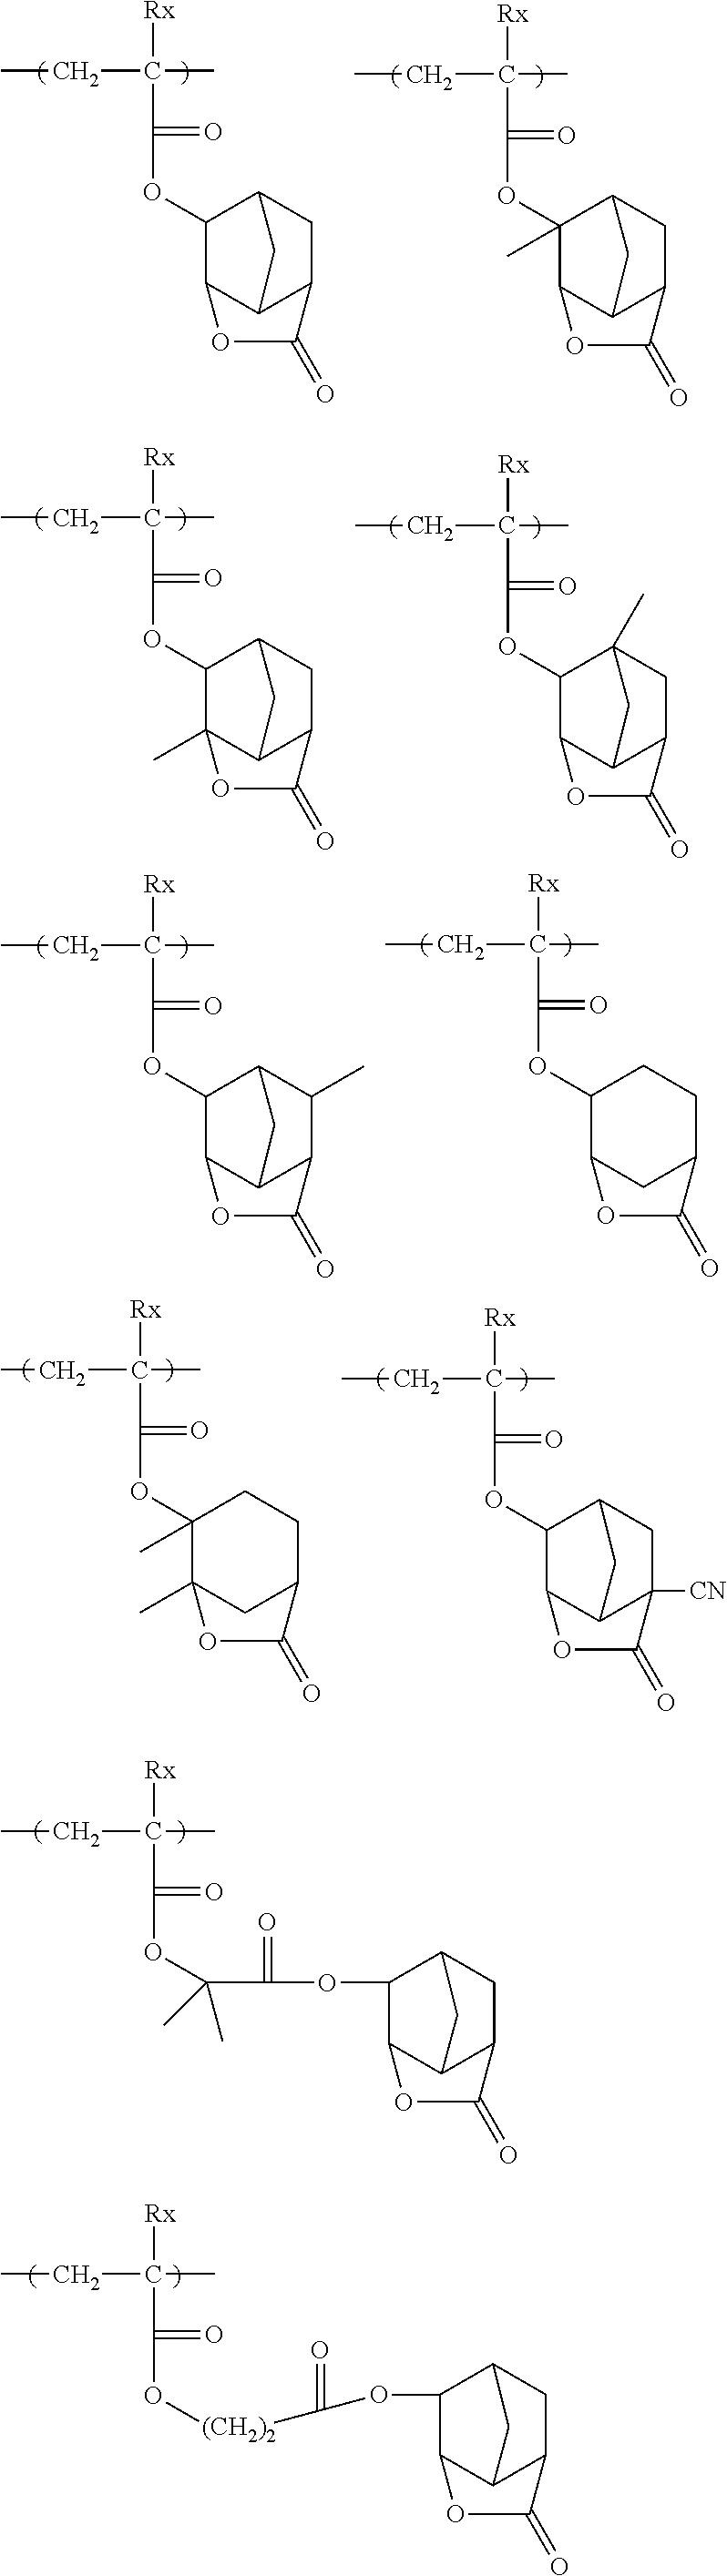 Figure US20110183258A1-20110728-C00045